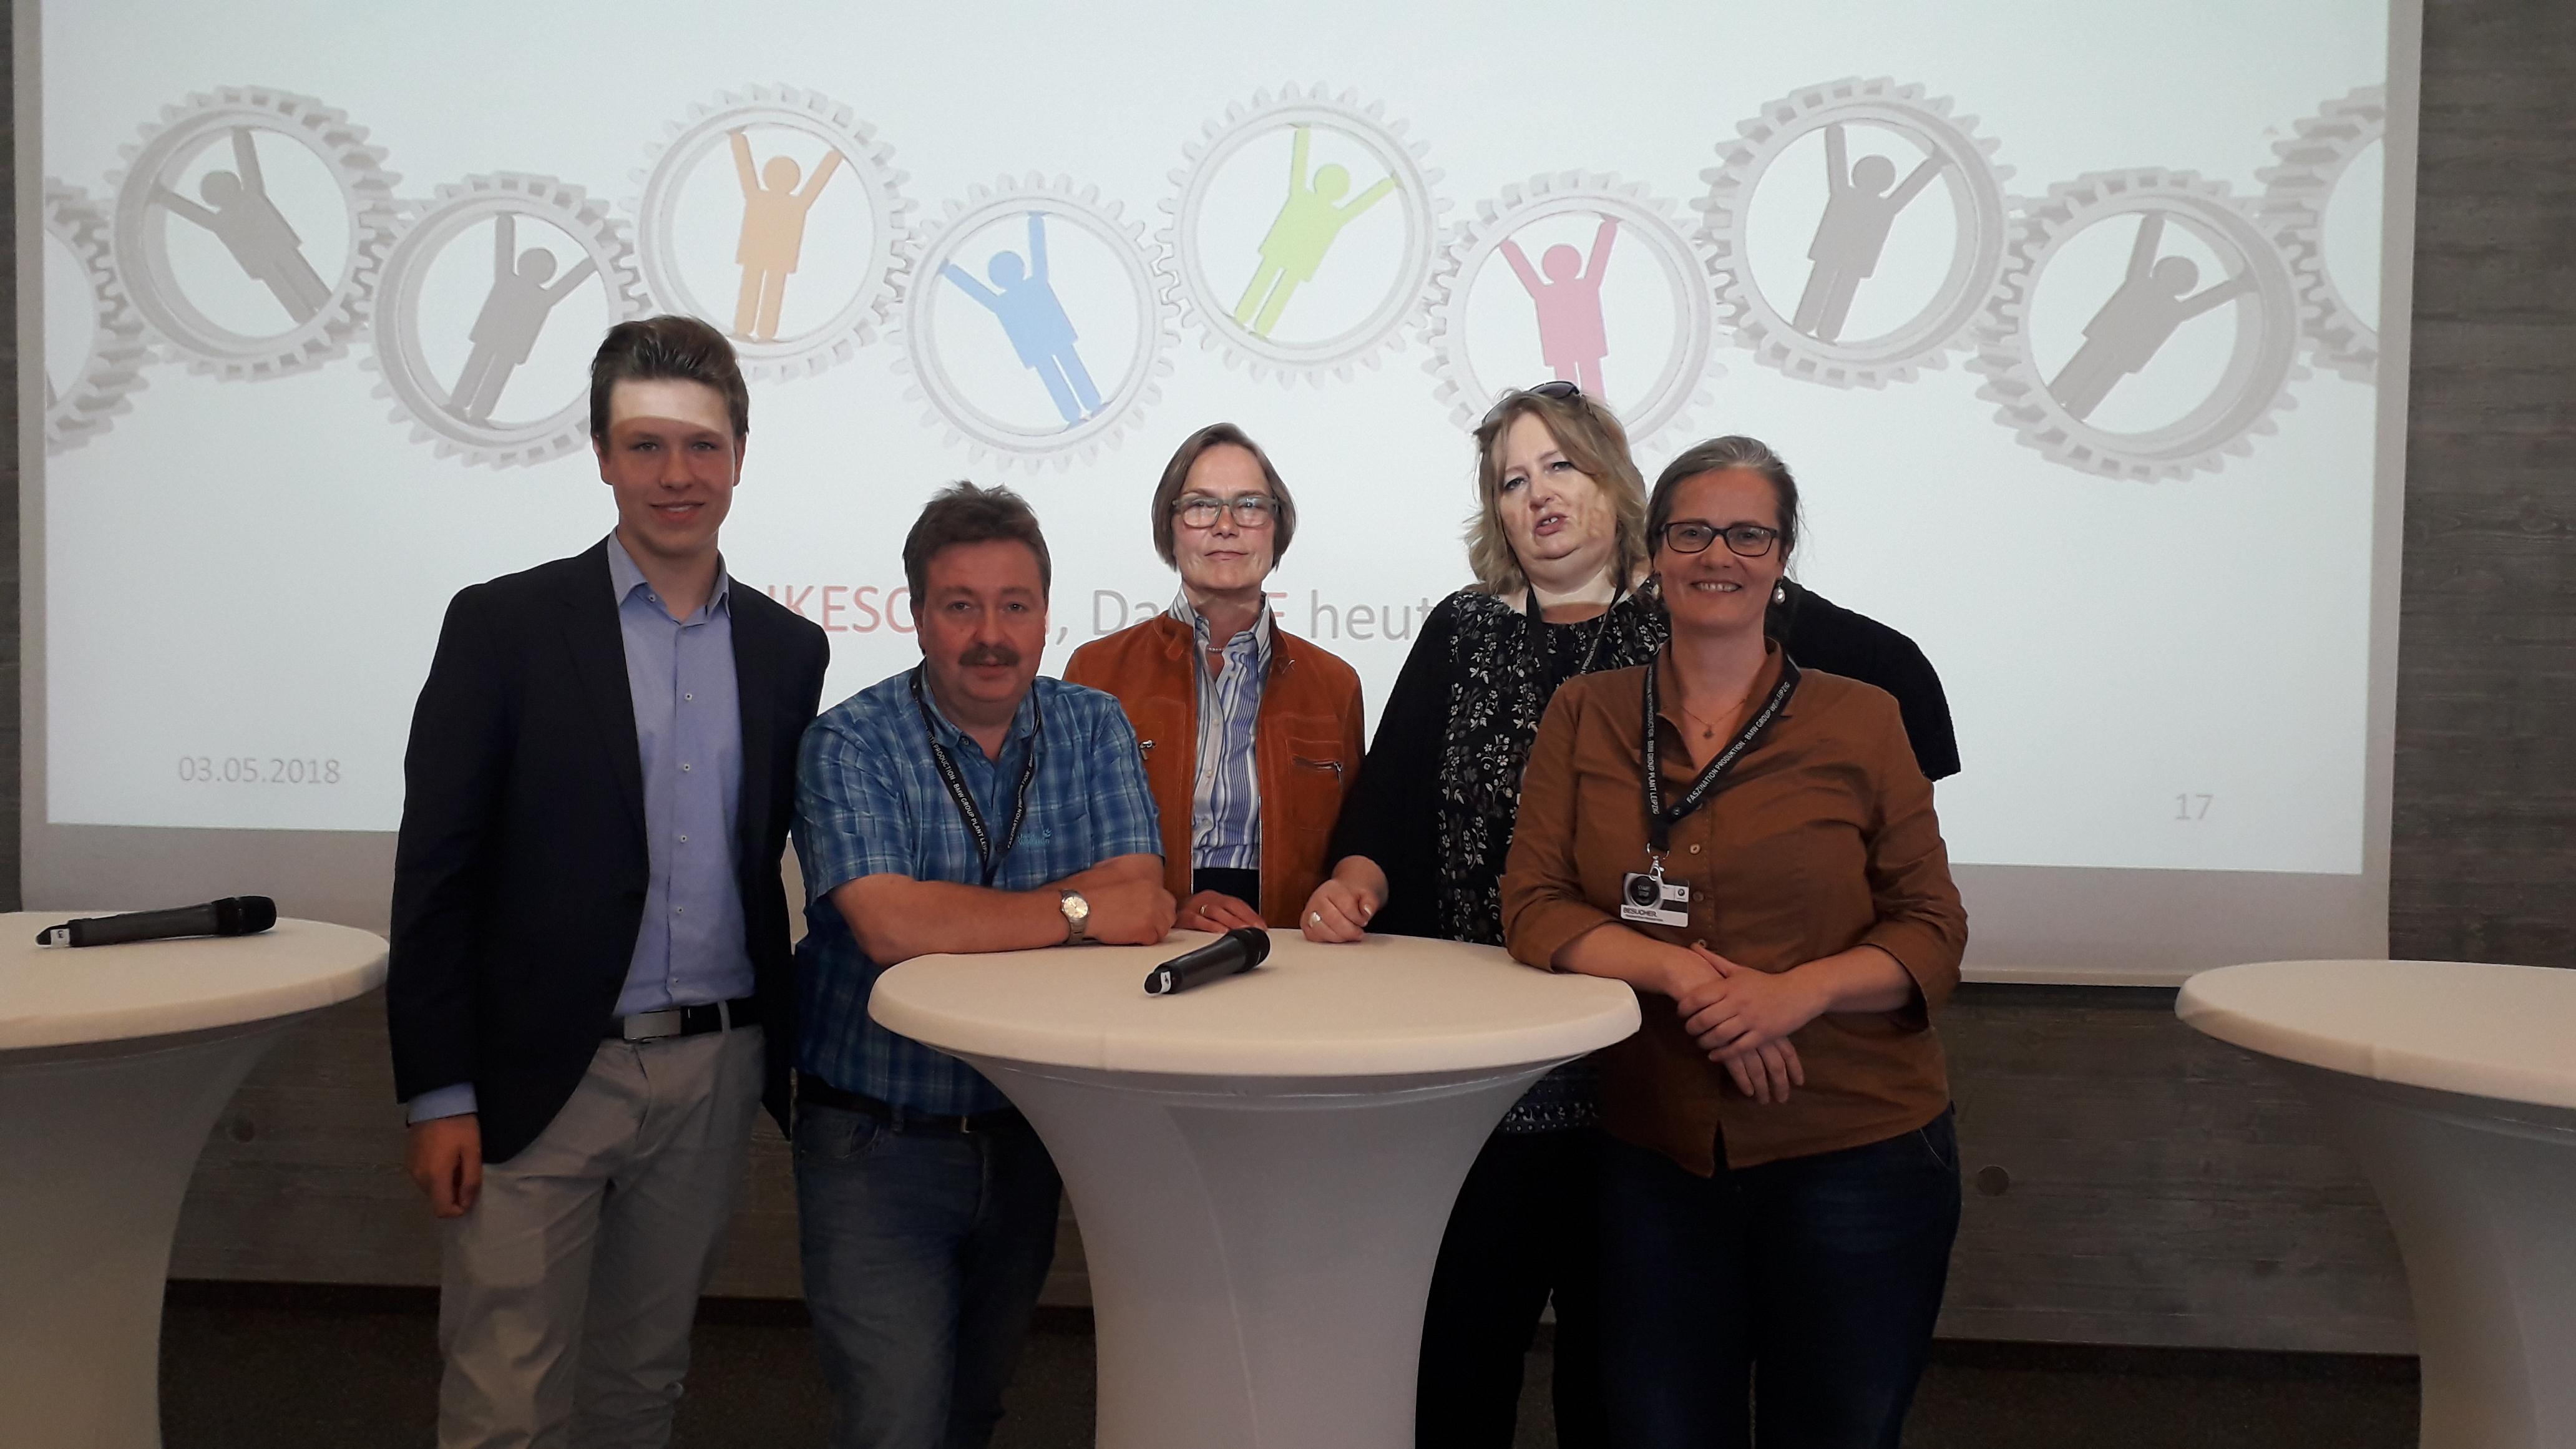 Annette Baumeister, PEtra Schmidt, Frank Anstatt, Kilian Crämer, Petra Elias